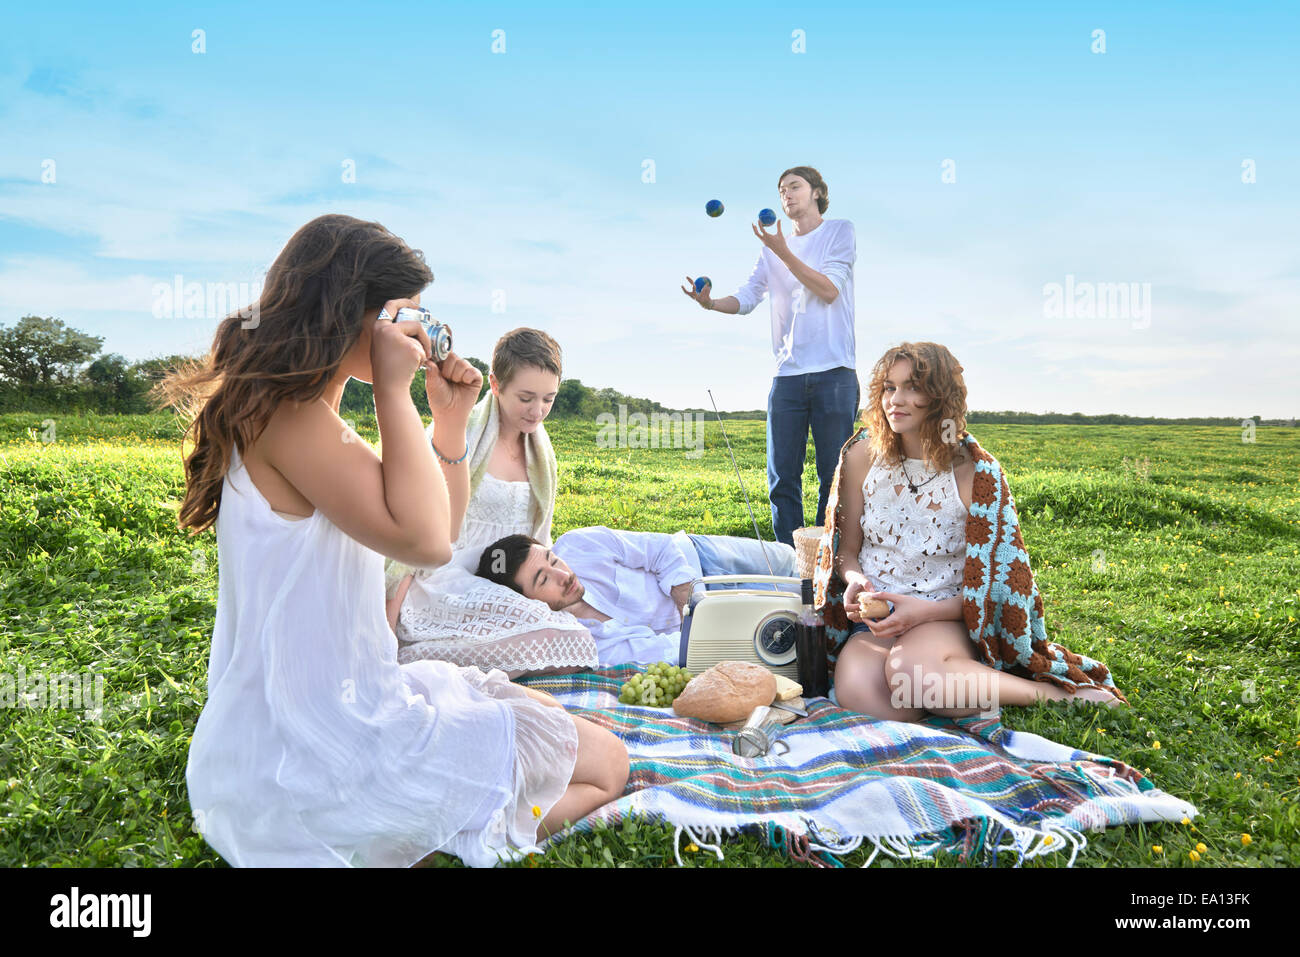 Gruppe von jungen Erwachsenen Freunden mit einem Picknick im Bereich Stockbild